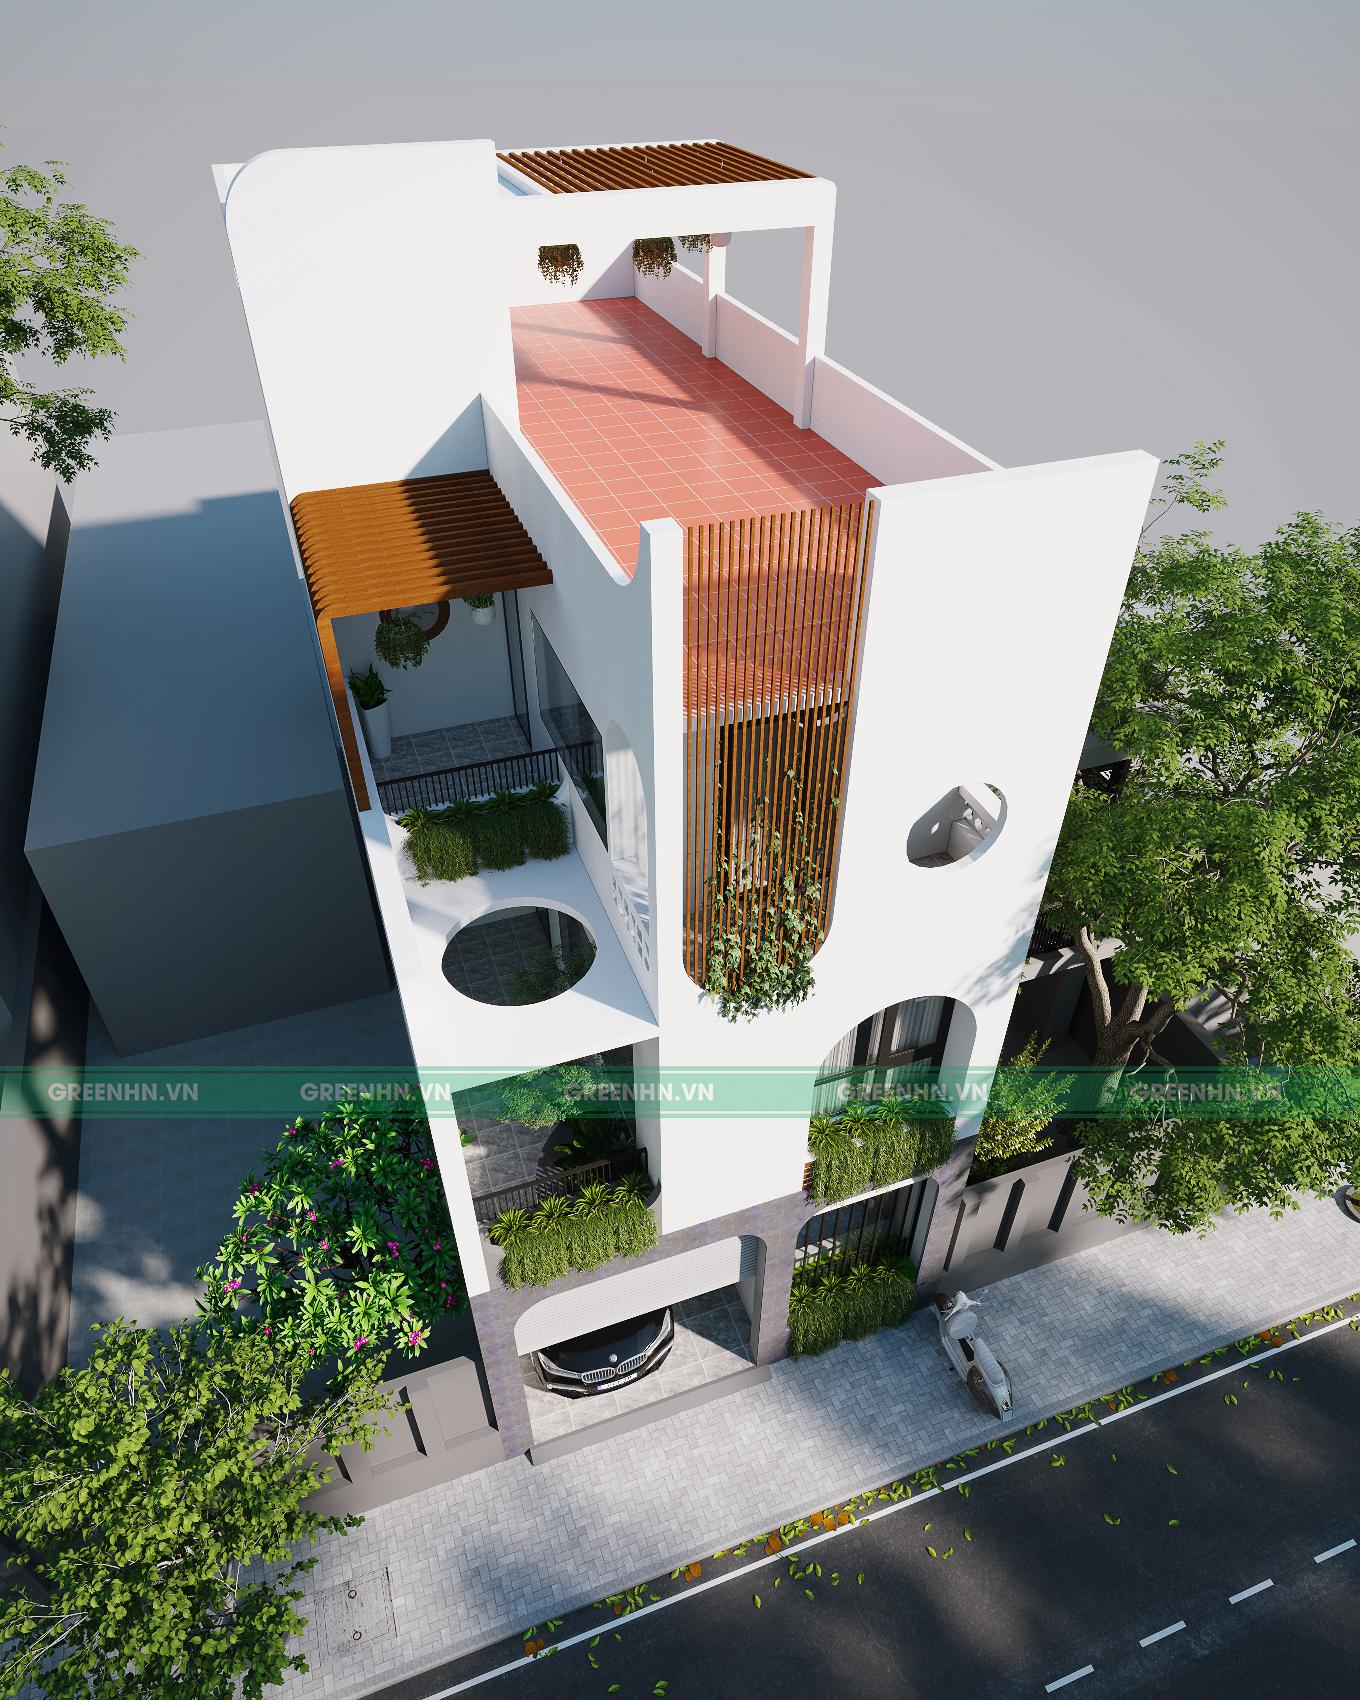 Nhà phố phong cách hiện đại - anh Tuấn